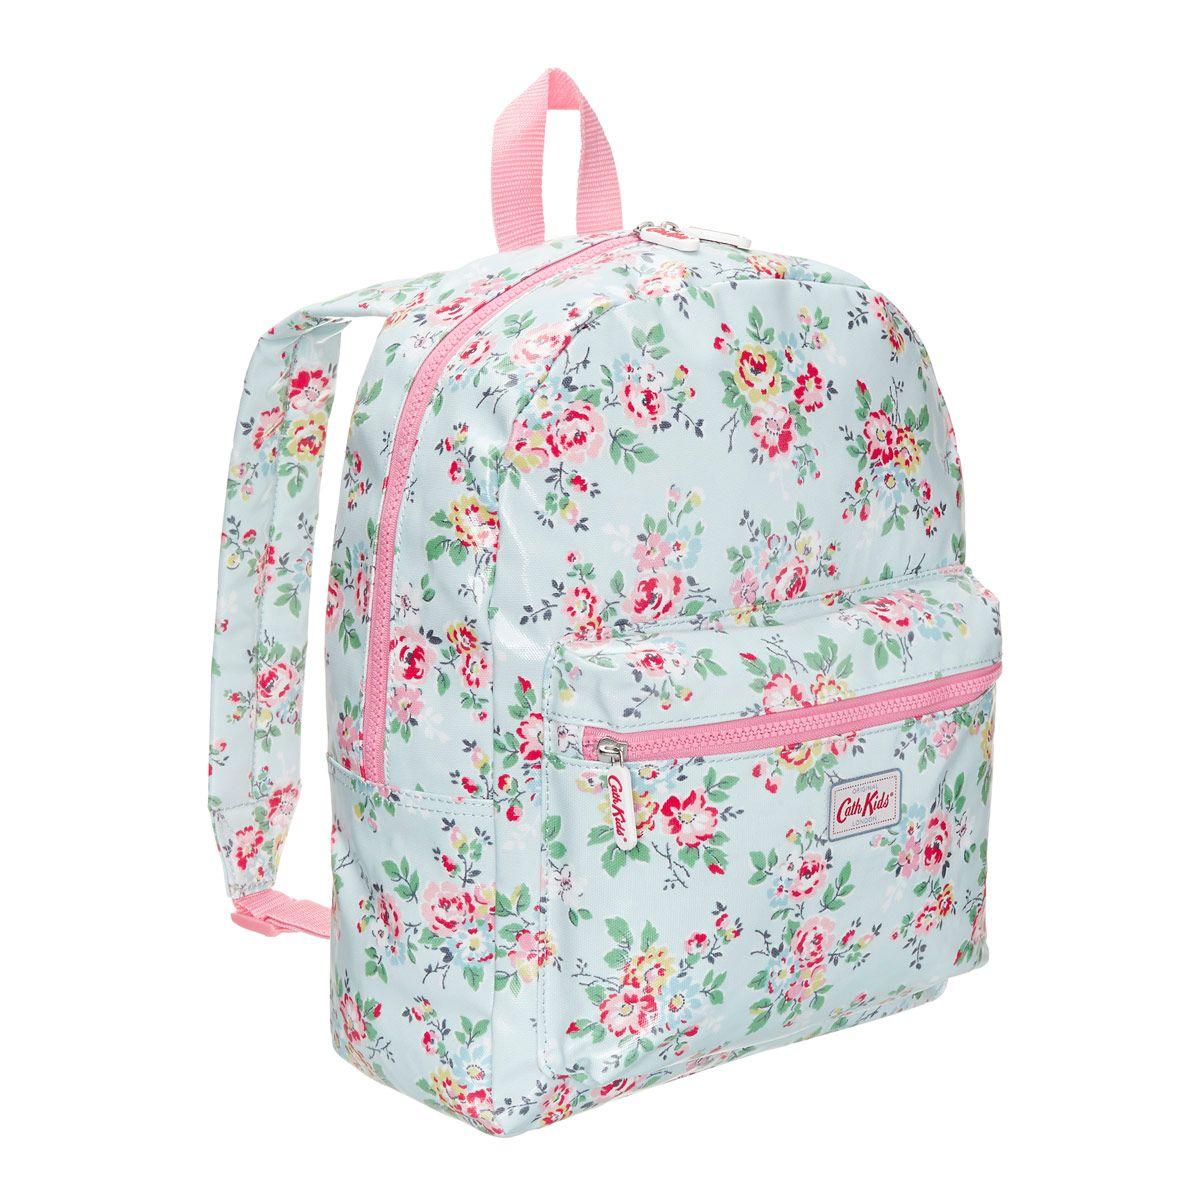 kingswood rose kids backpack kids bags cath kidston. Black Bedroom Furniture Sets. Home Design Ideas